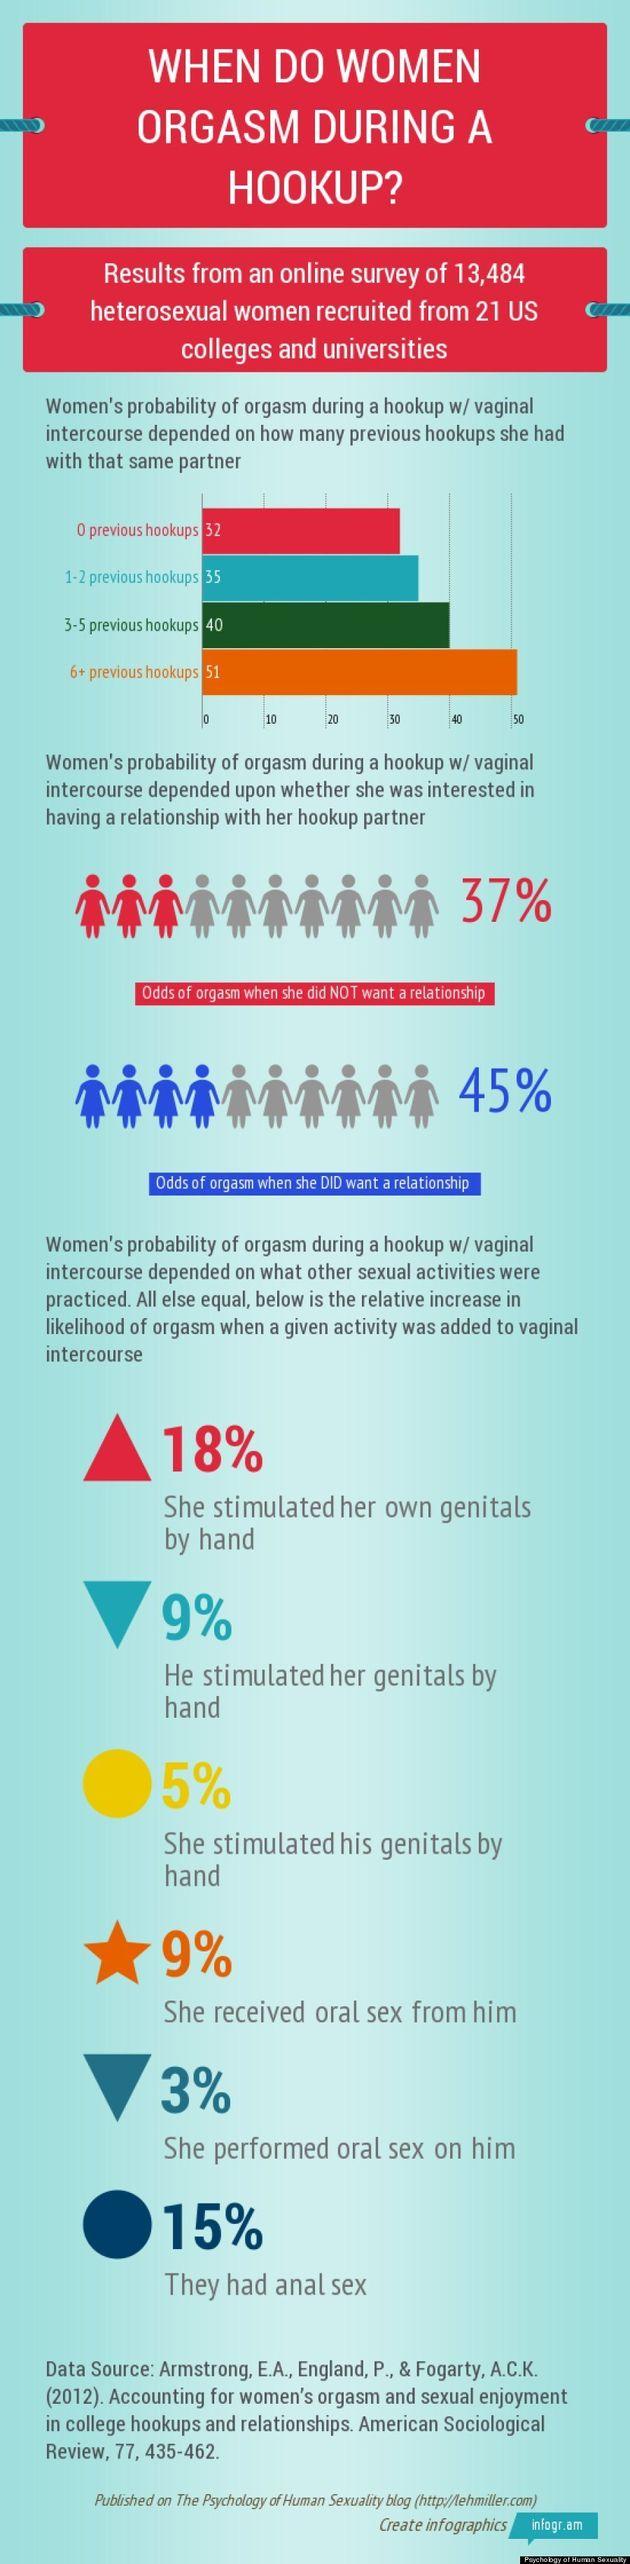 Simulare l'orgasmo aumenta il piacere della donna, uno studio lo dimostra: non è indice di sottomissione...